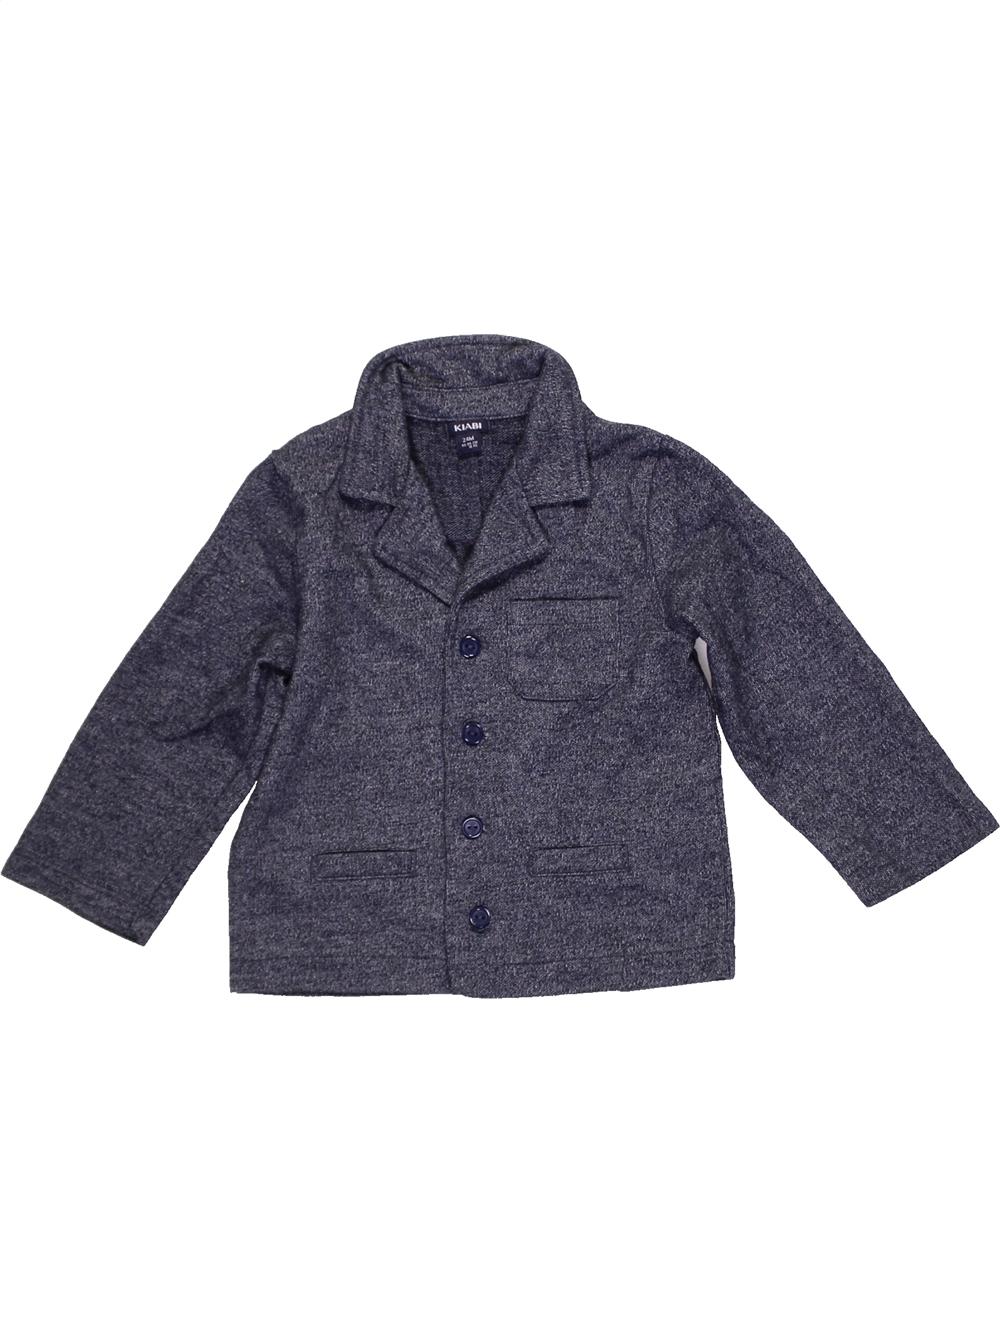 Gilet-enfant-garcon-KIABI-2-ans-bleu-hiver-vetement-bebe-1098766